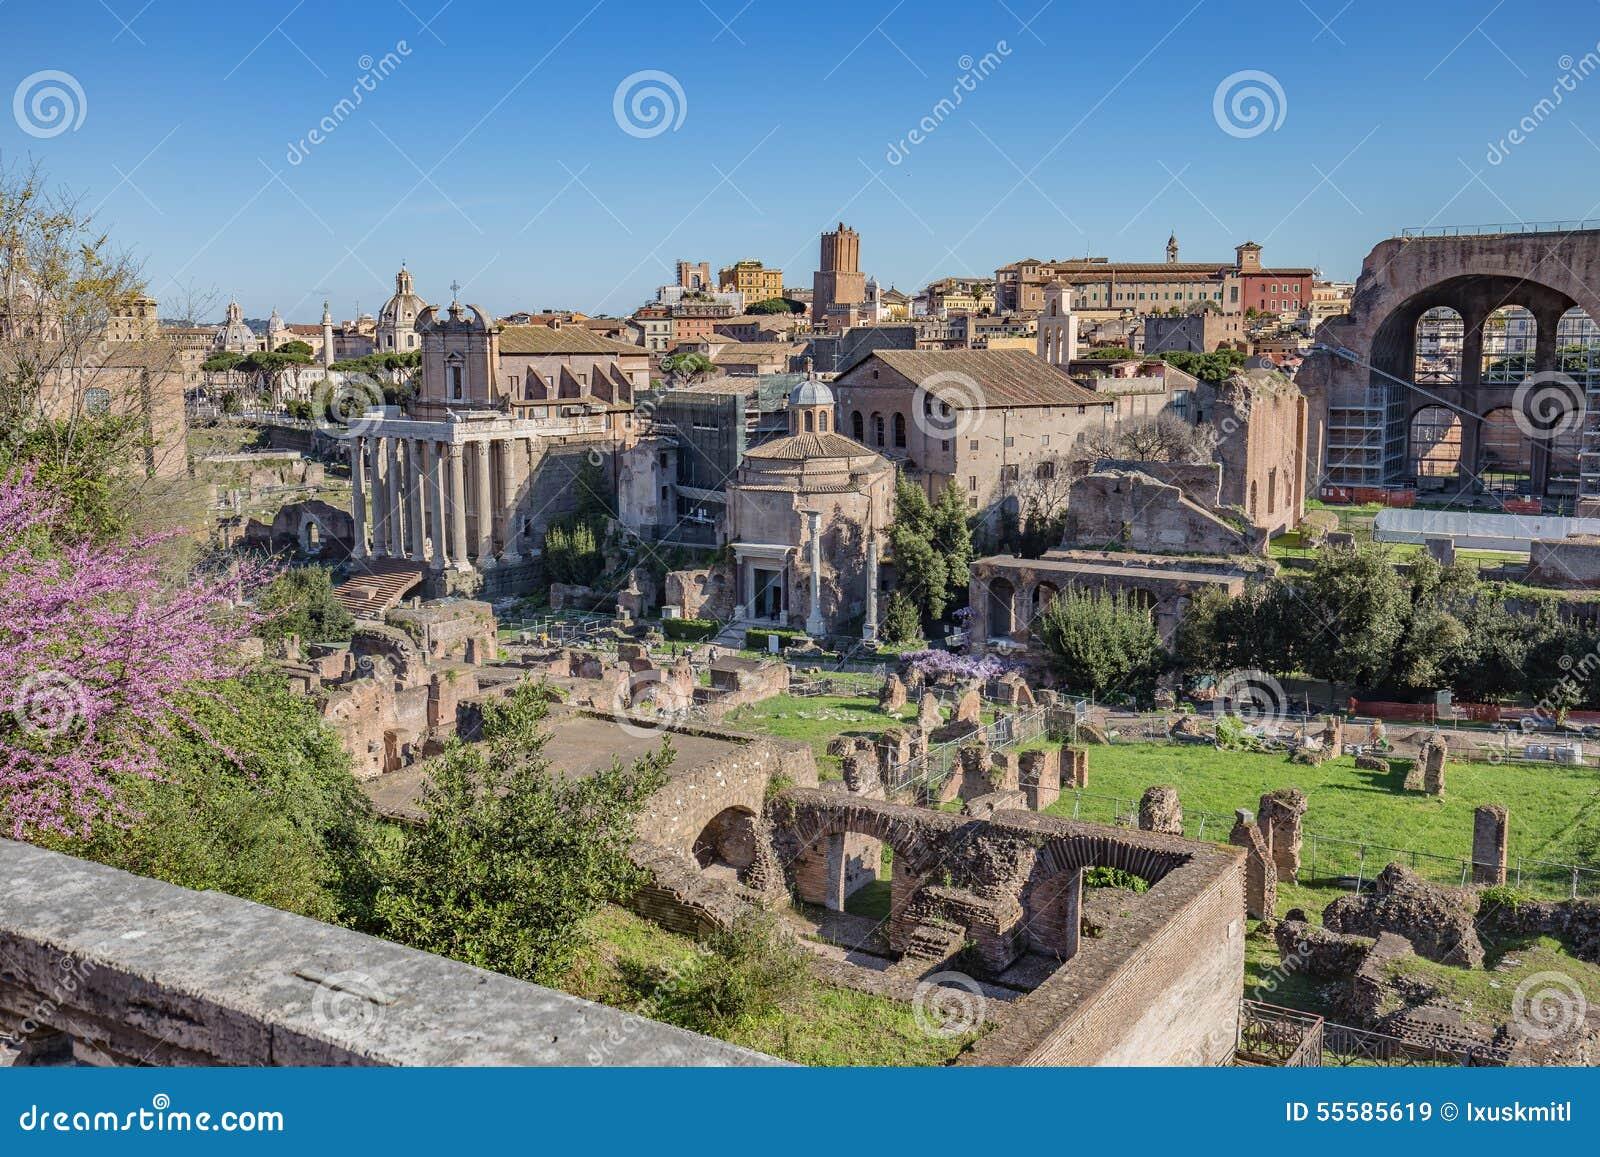 Le forum romain à Rome, Italie